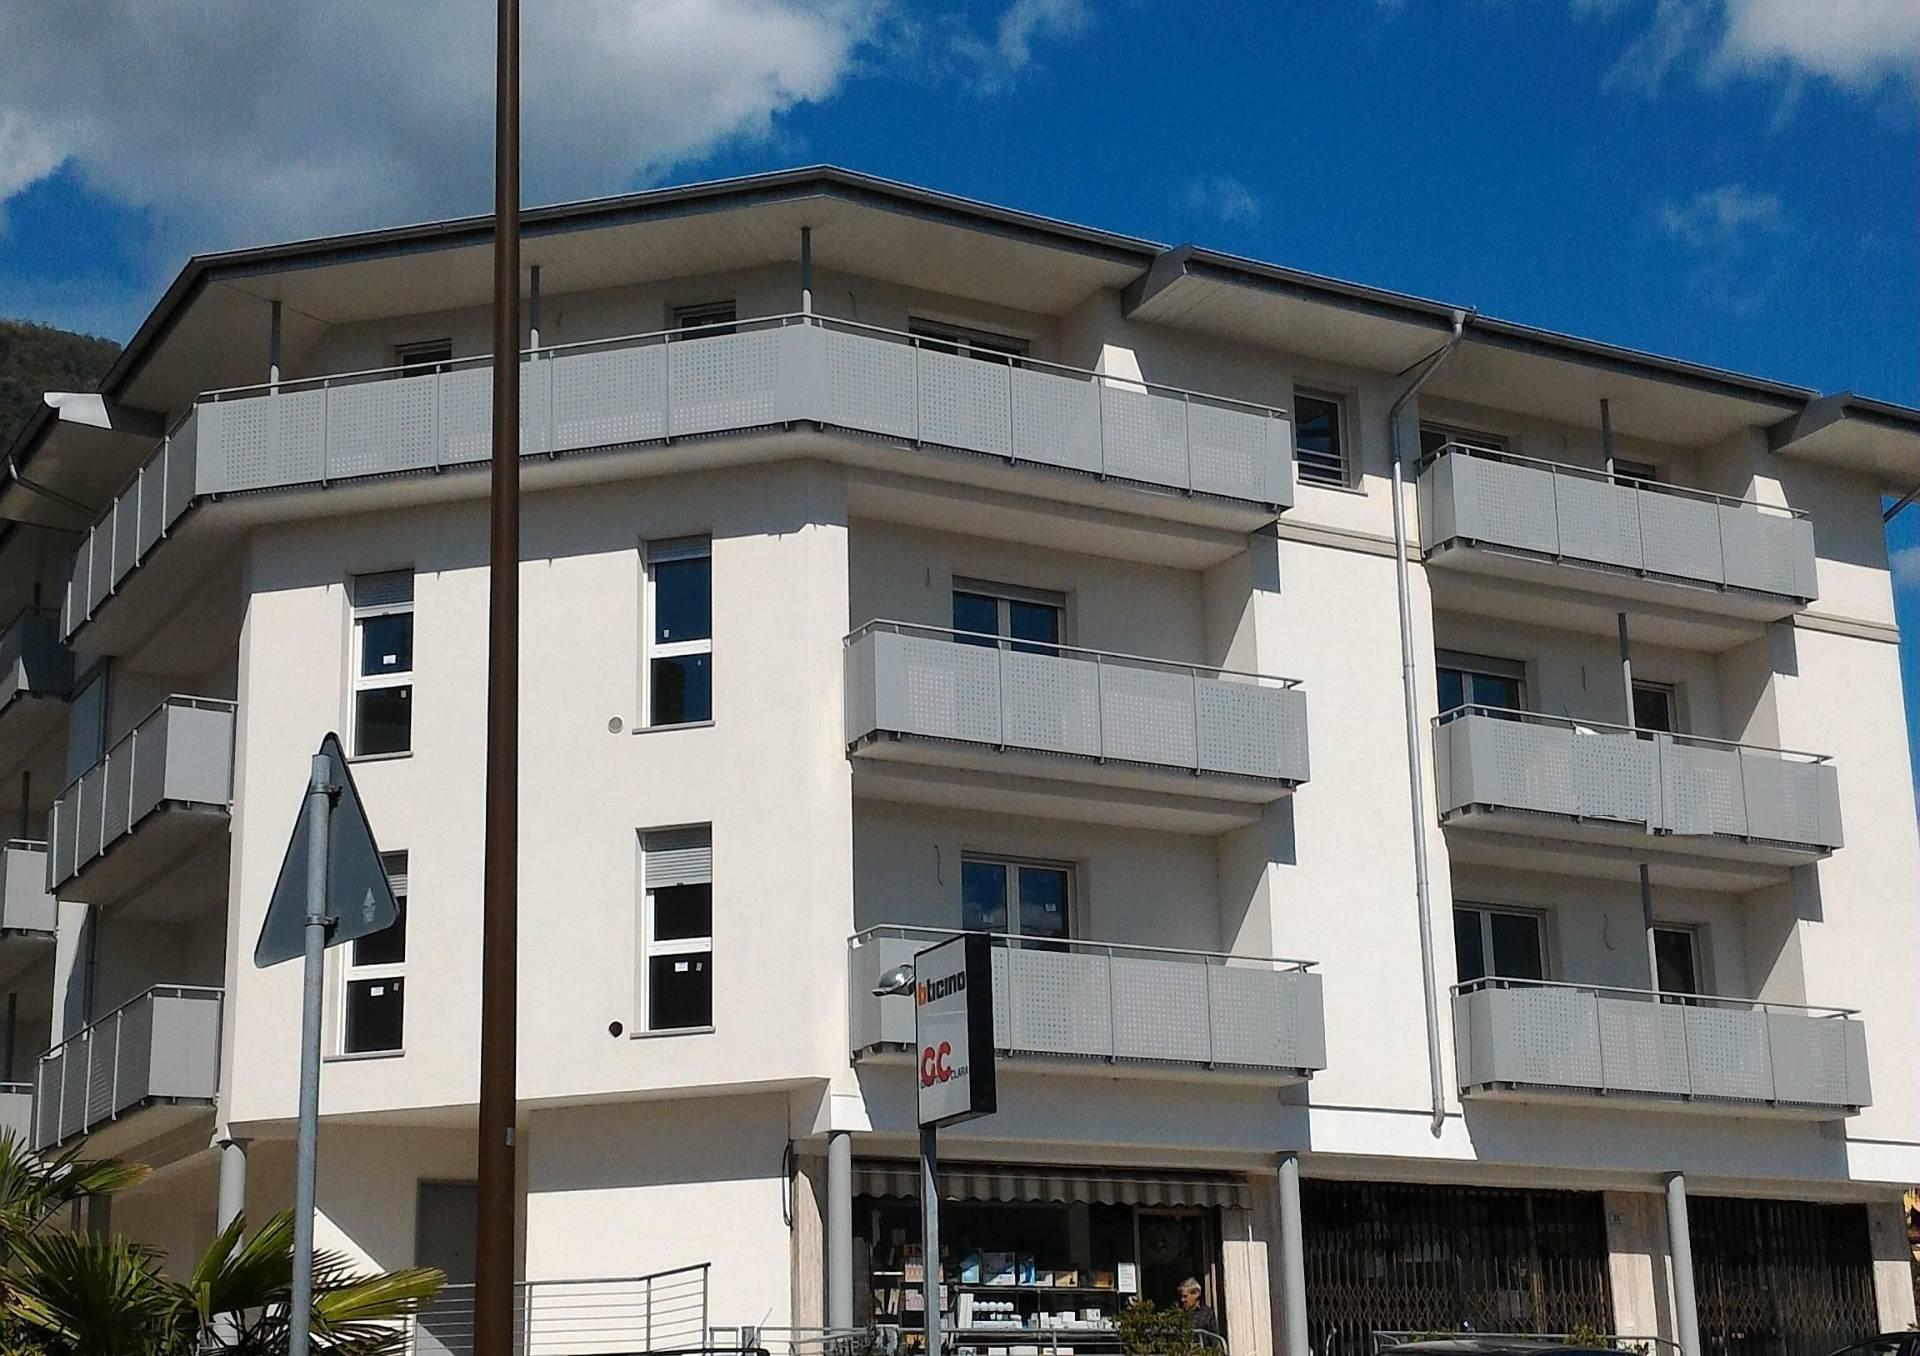 Appartamento in vendita a Riva del Garda, 3 locali, zona Zona: Riva, prezzo € 219.000 | Cambio Casa.it